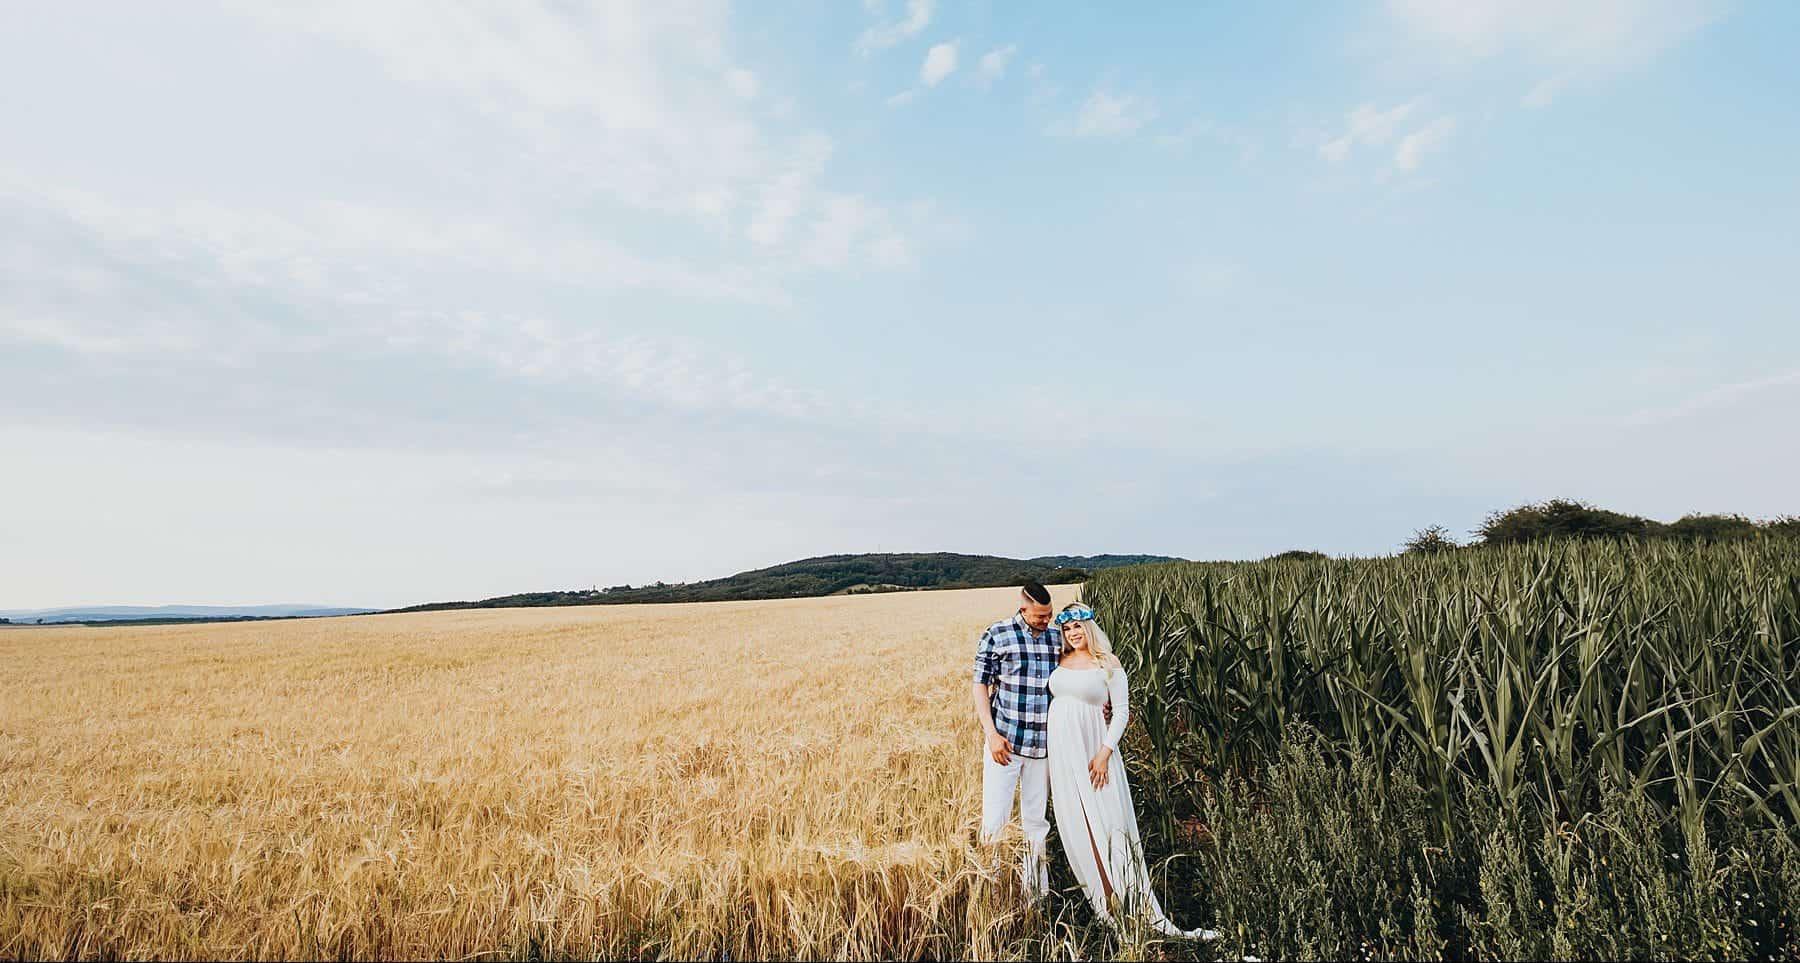 hochzeitsfotograf-andreas-heu-hochzeitsreportage-Brautpaarshooting-natürliche-paarfotos-trauung_0965